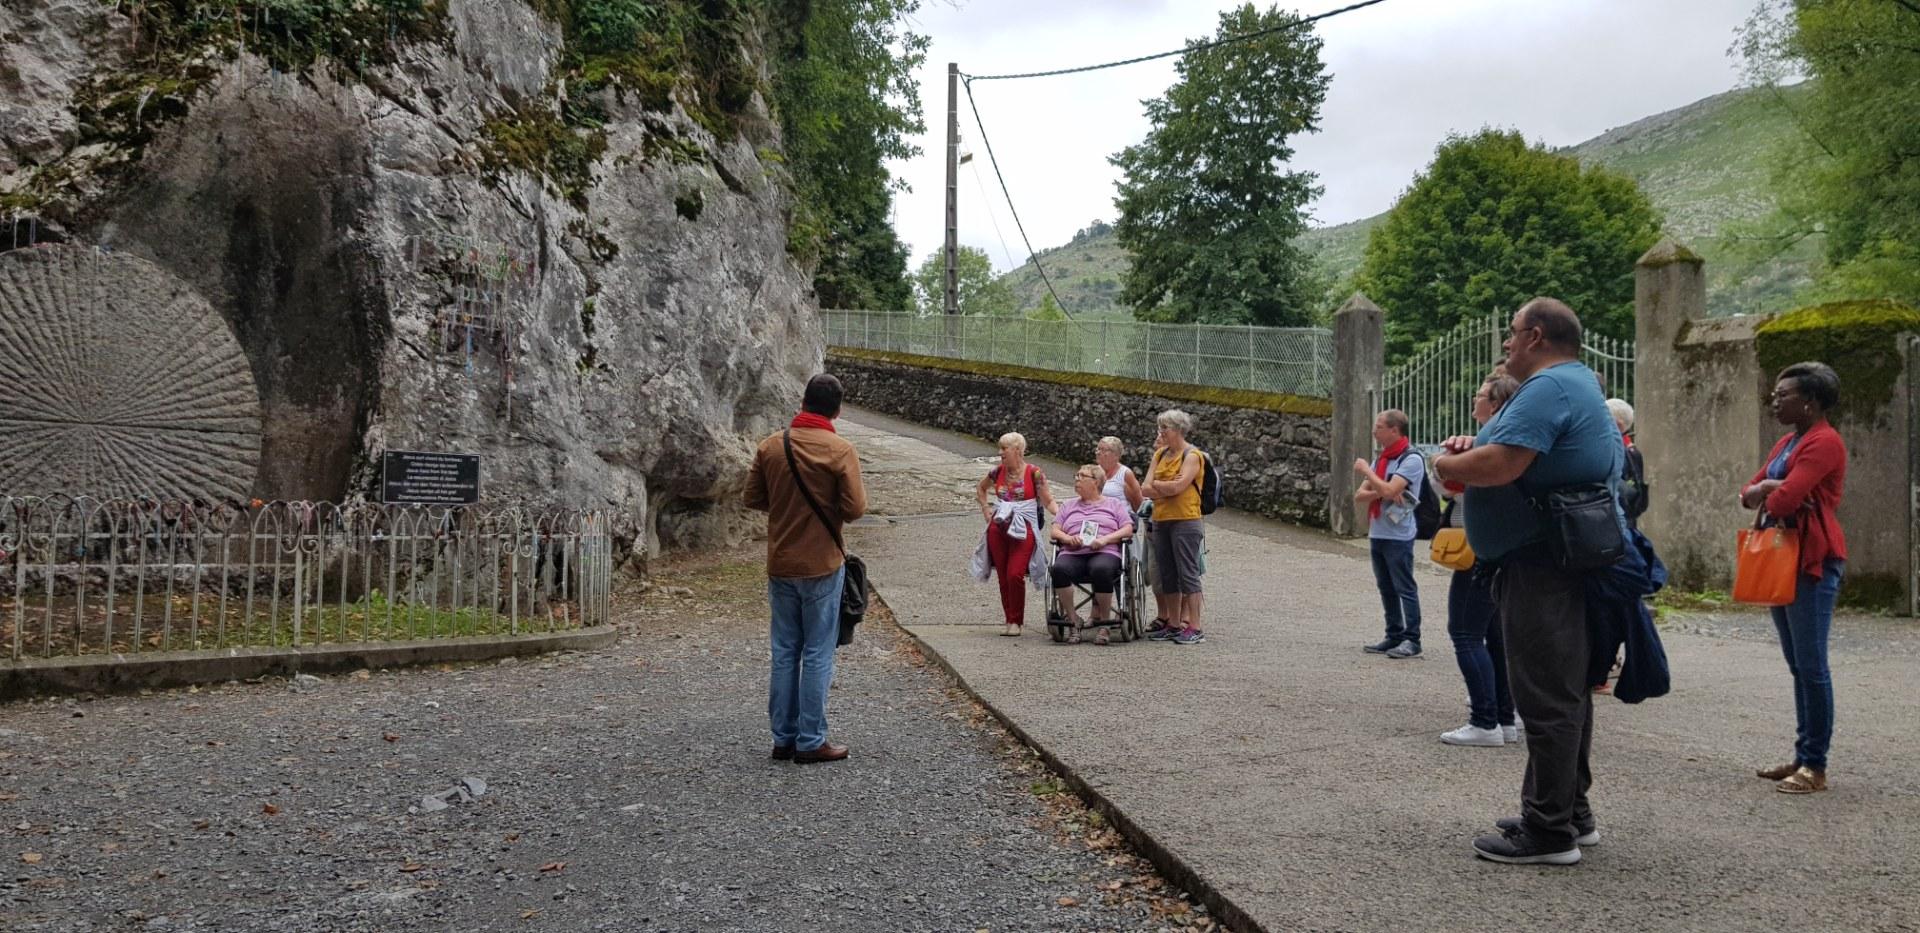 Chemin-croix-lourdes-19.08.2019 15